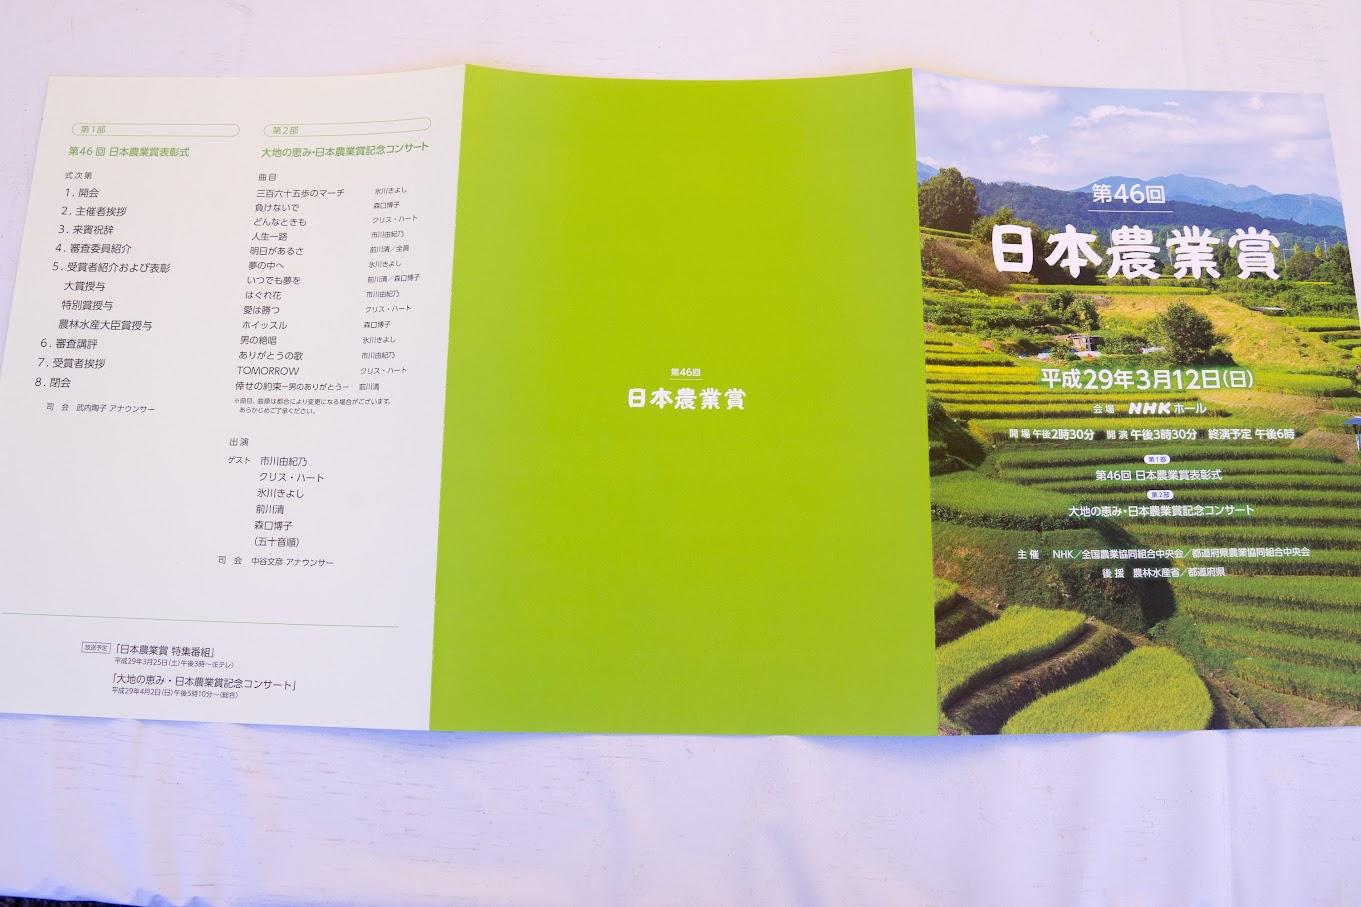 第46回日本農業賞パンフレット(表面)